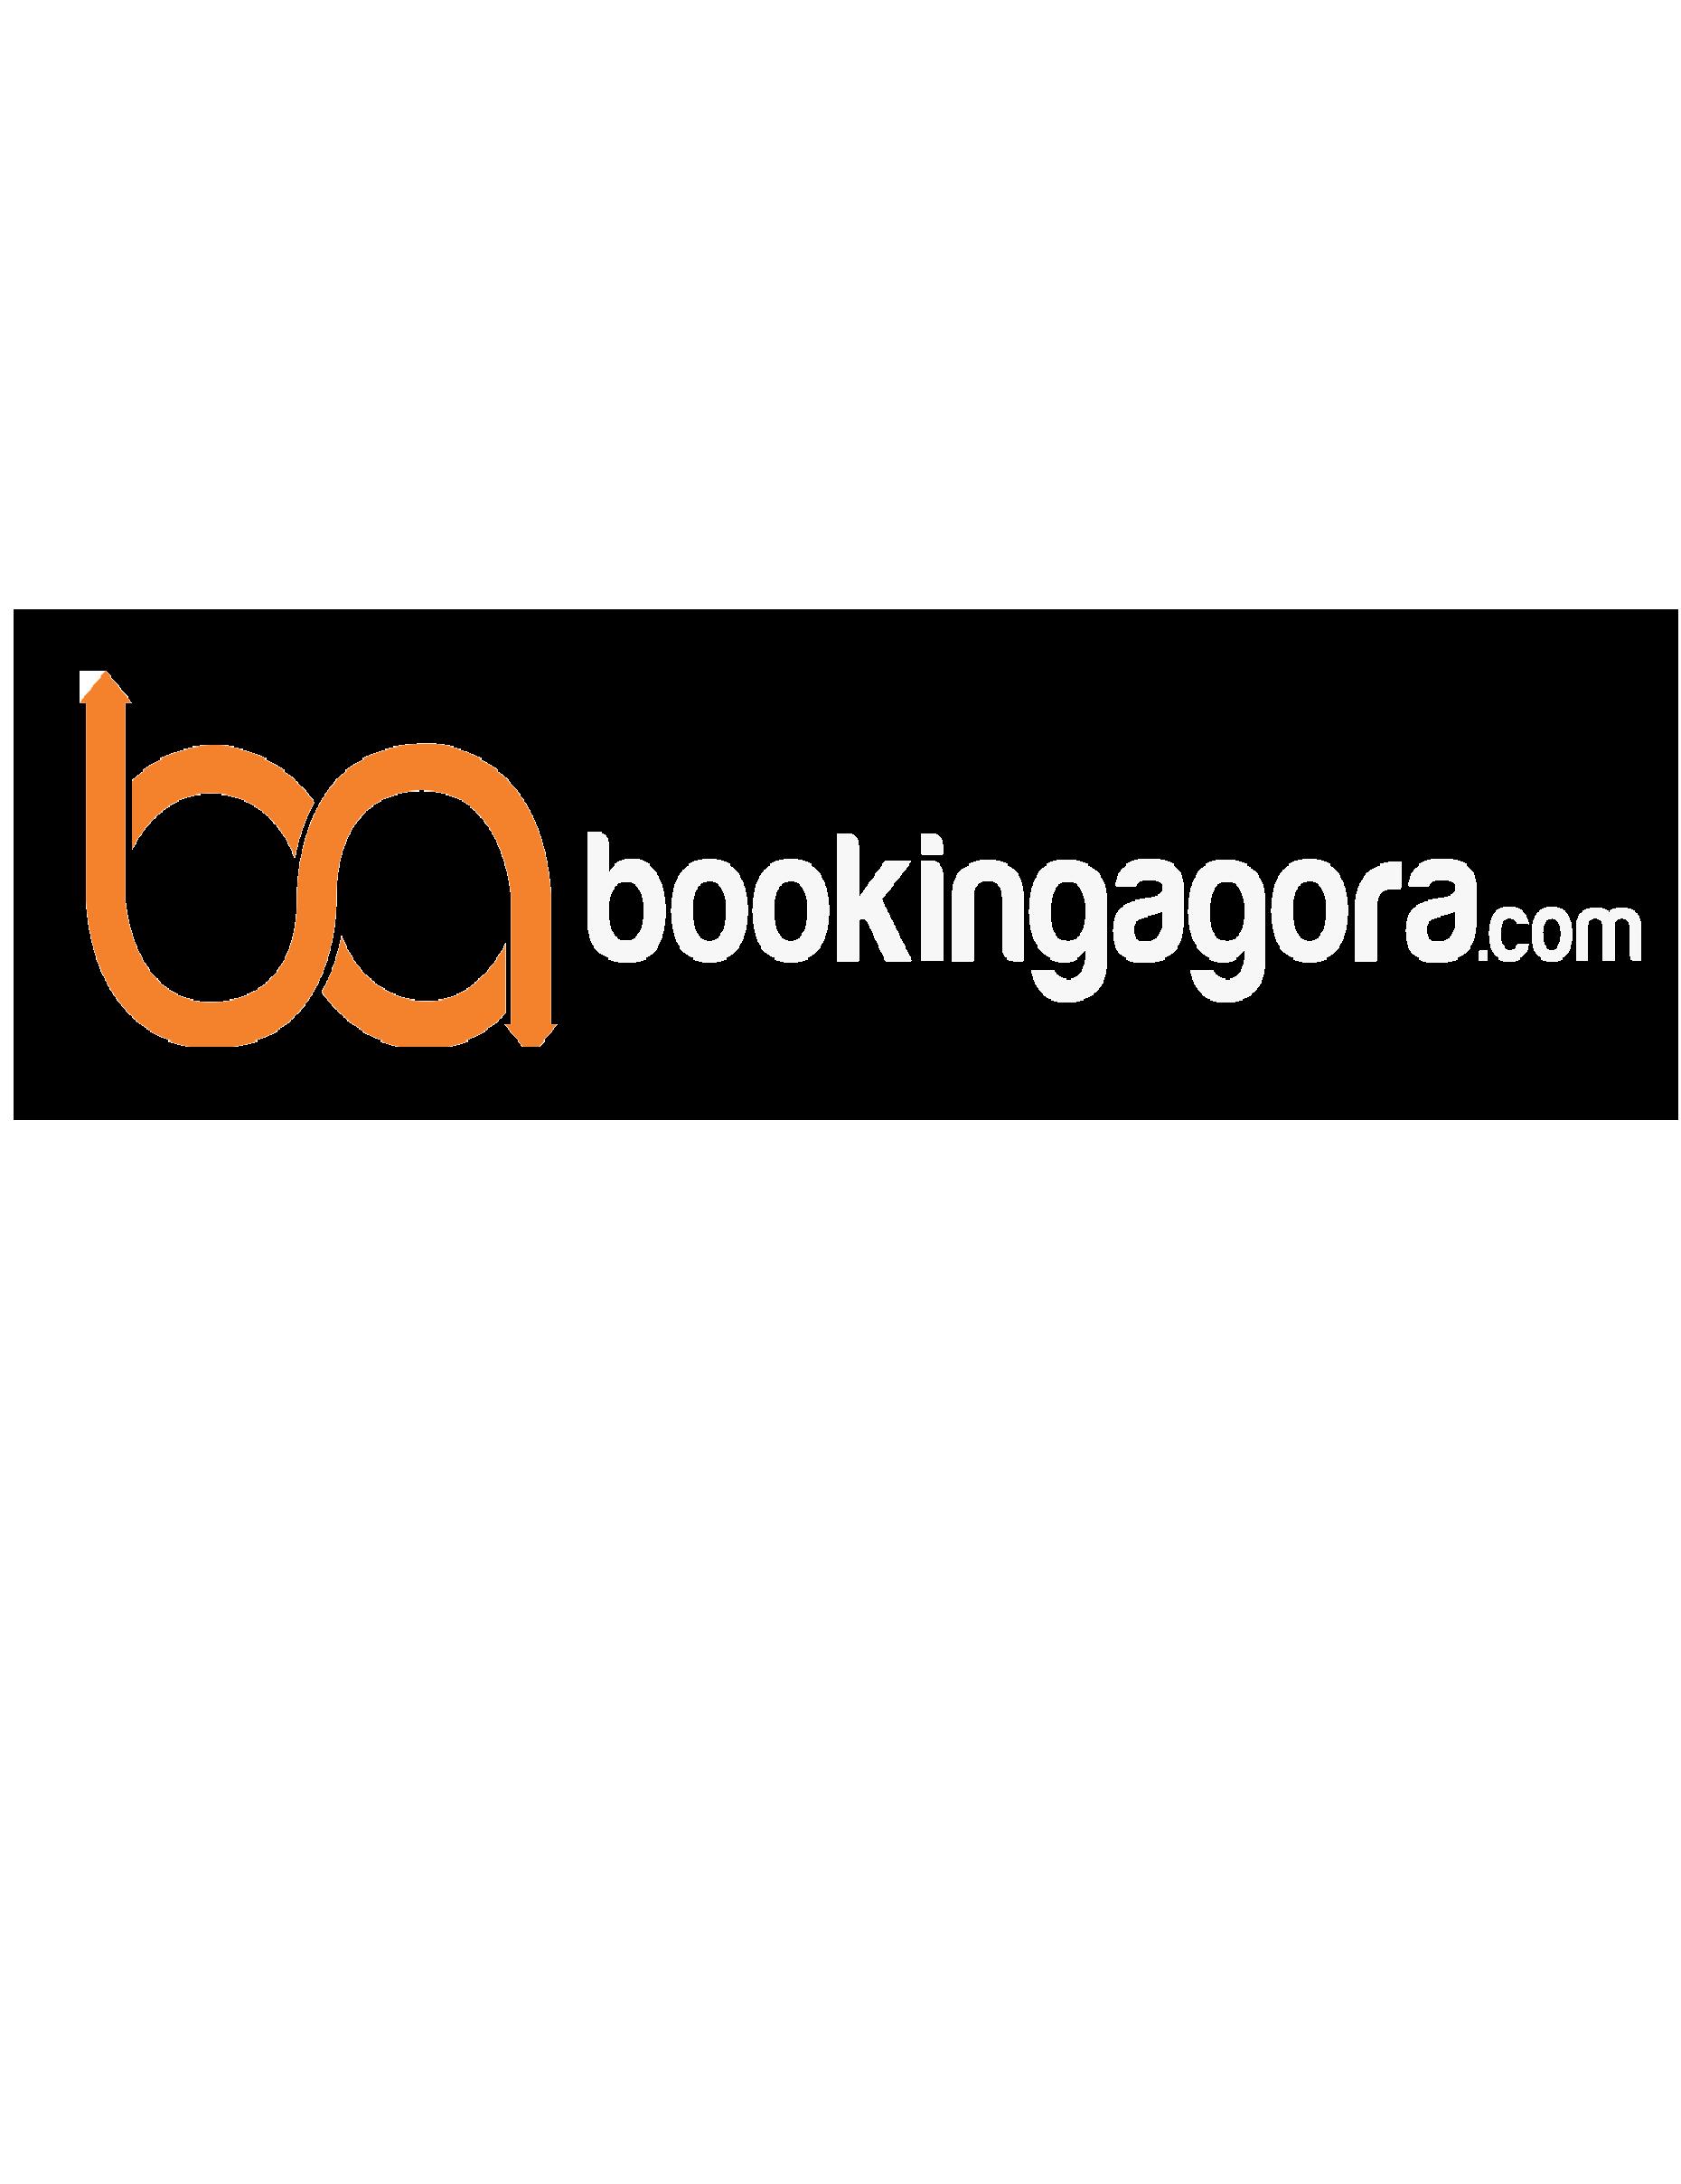 bookingagora